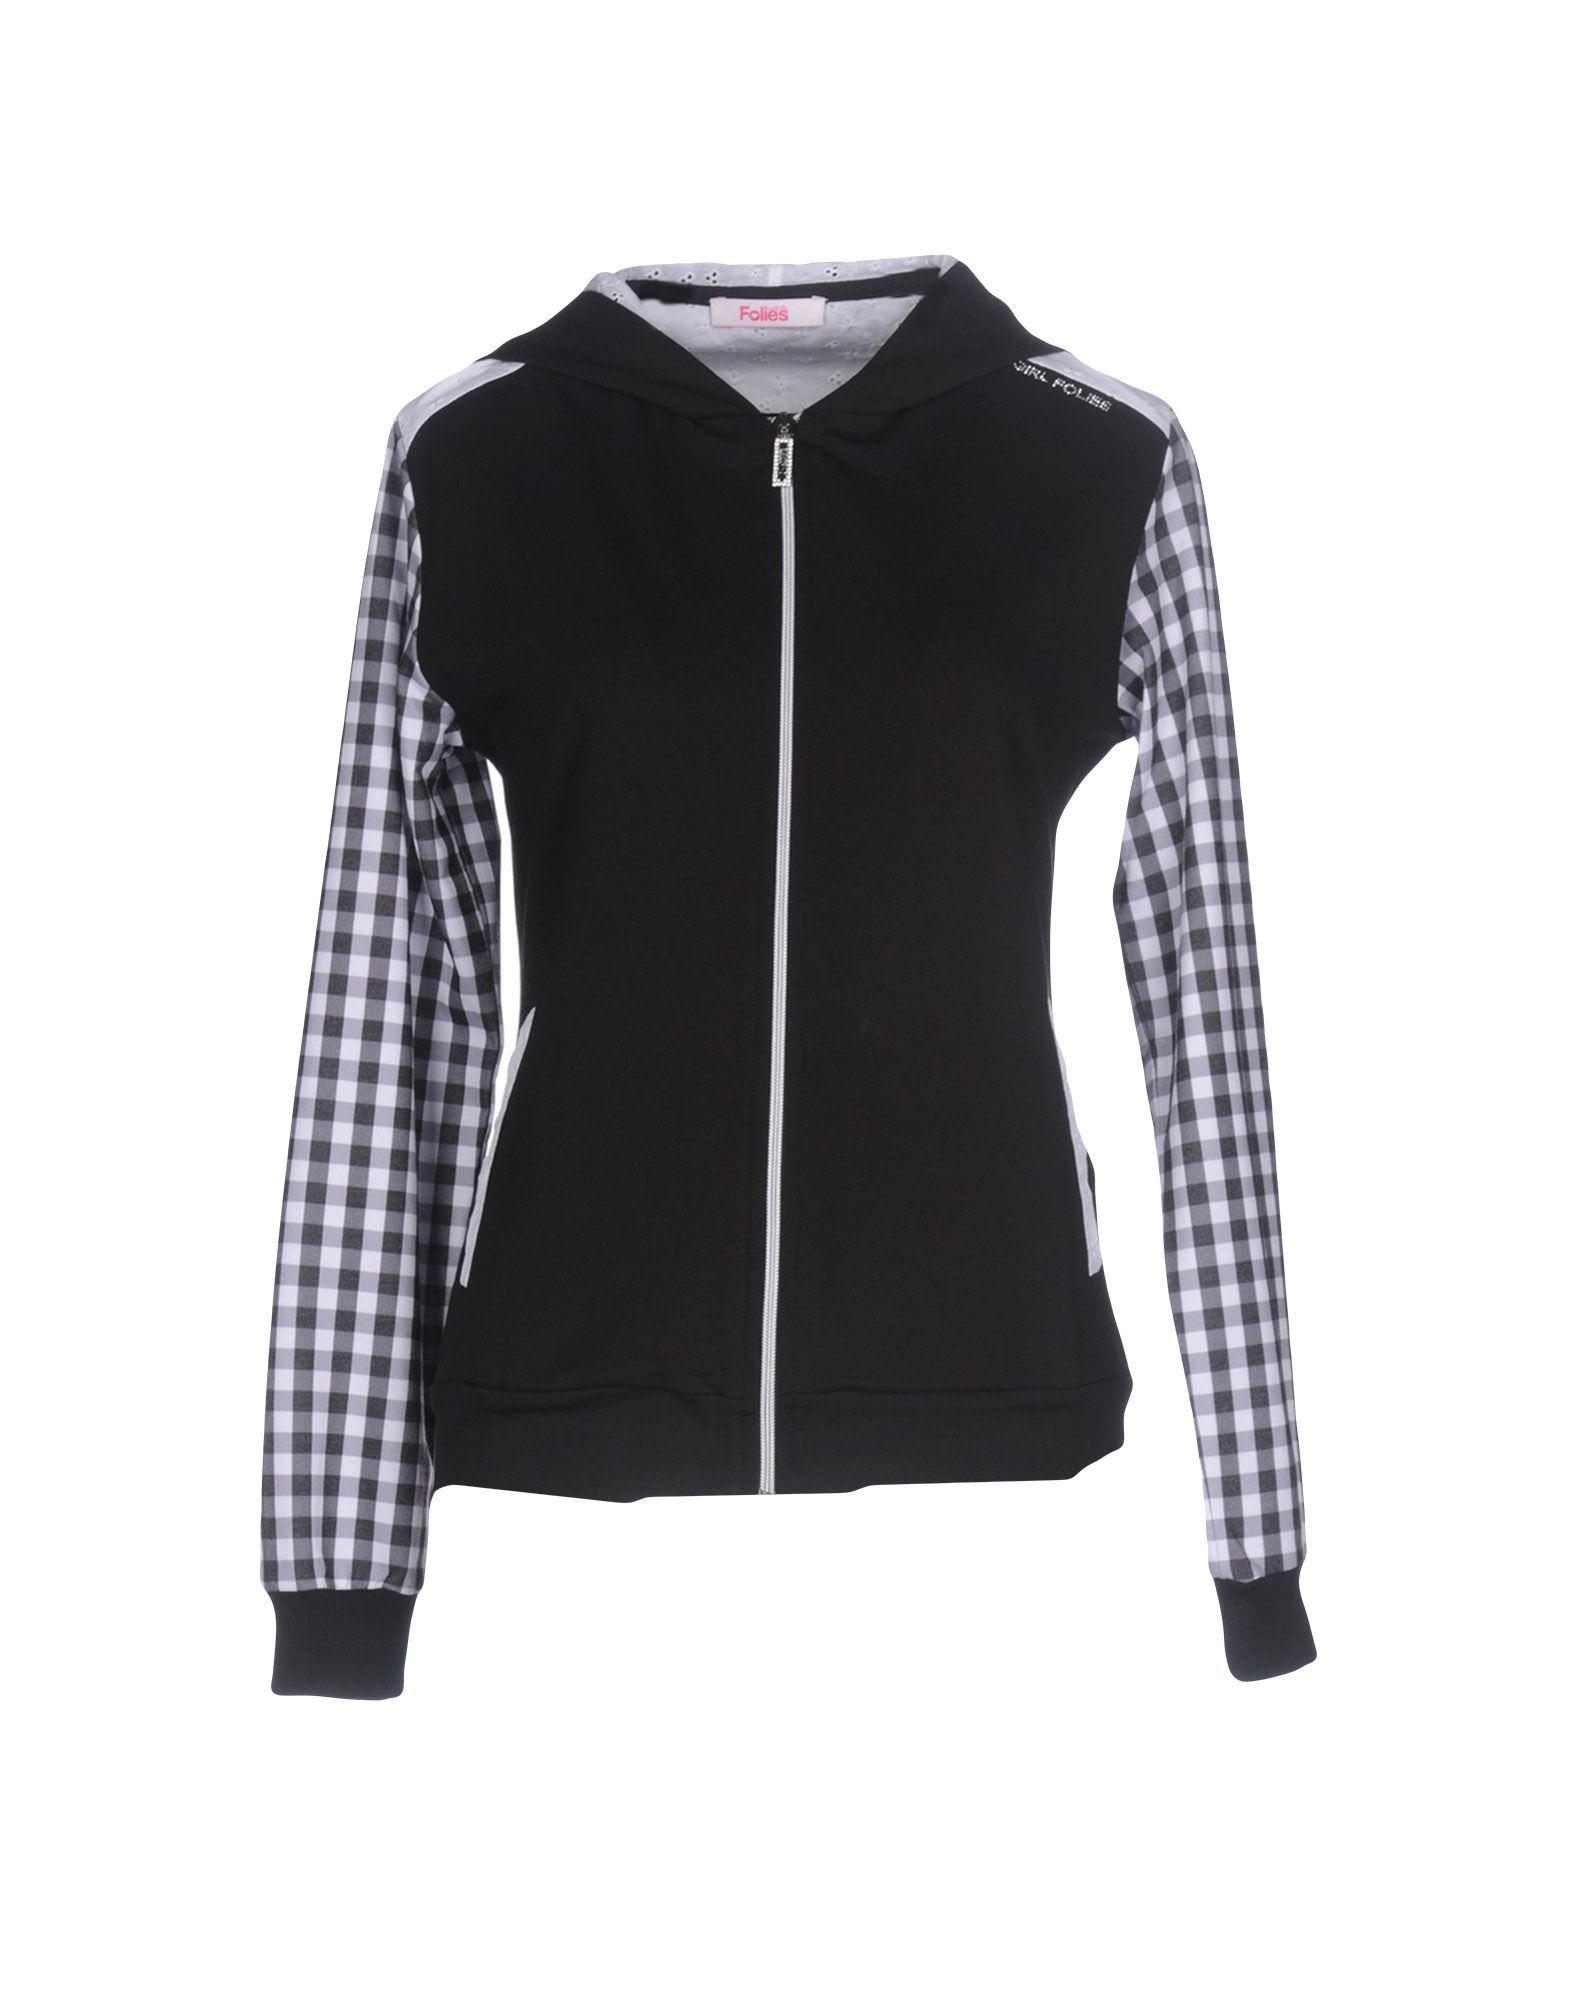 BLUGIRL FOLIES Damen Sweatshirt Farbe Schwarz Größe 7 jetztbilligerkaufen